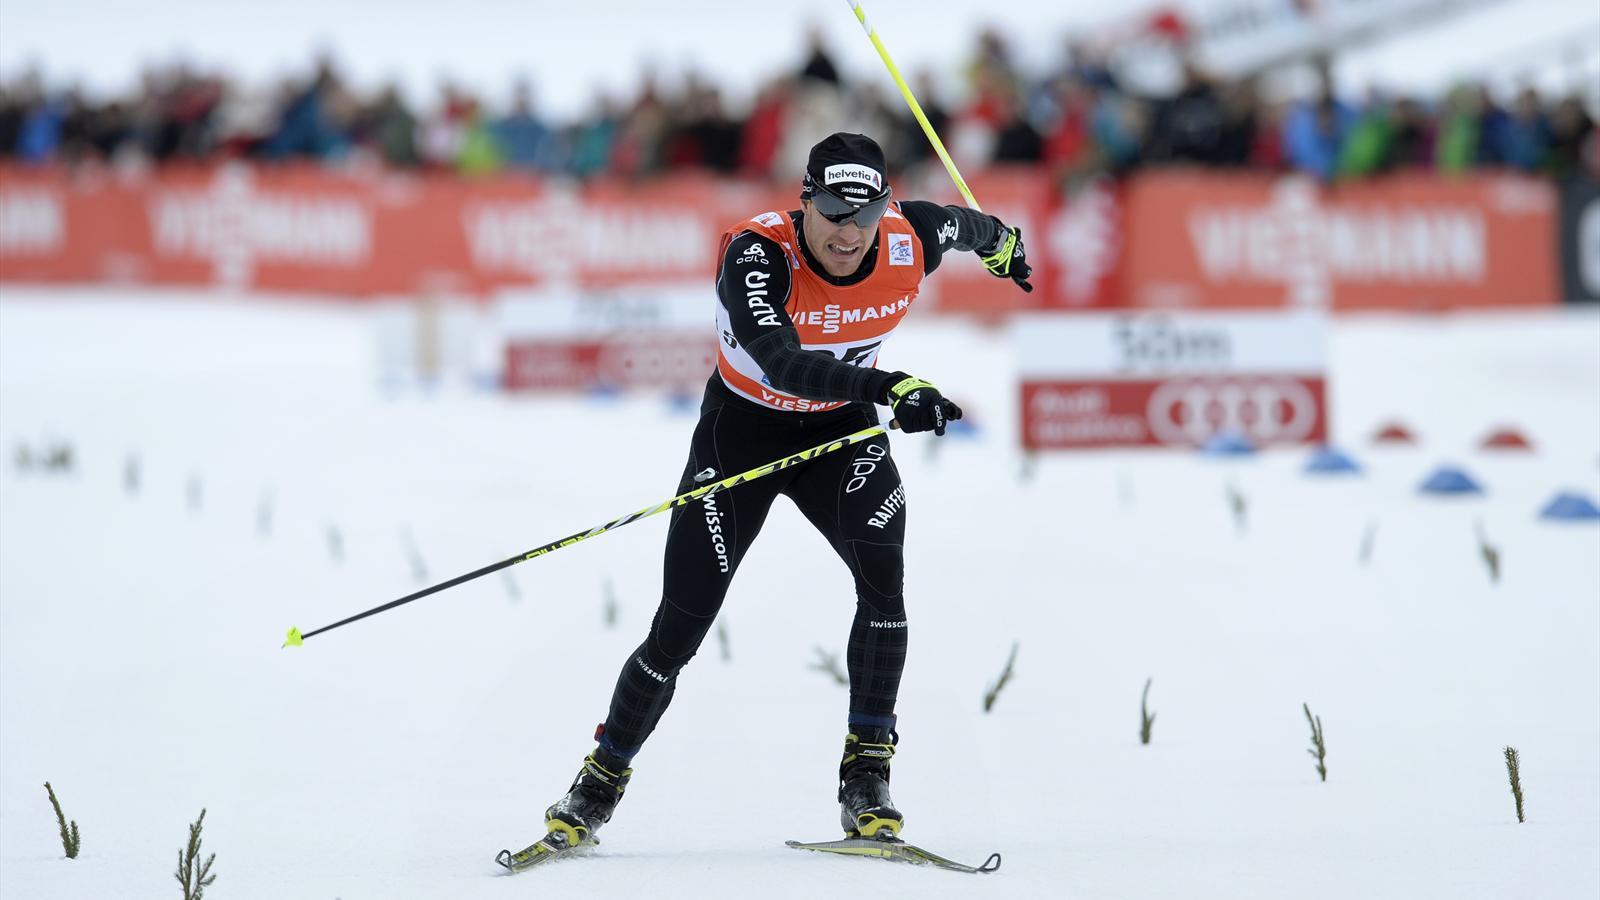 Dario Cologna vainqueur à Oberdorf